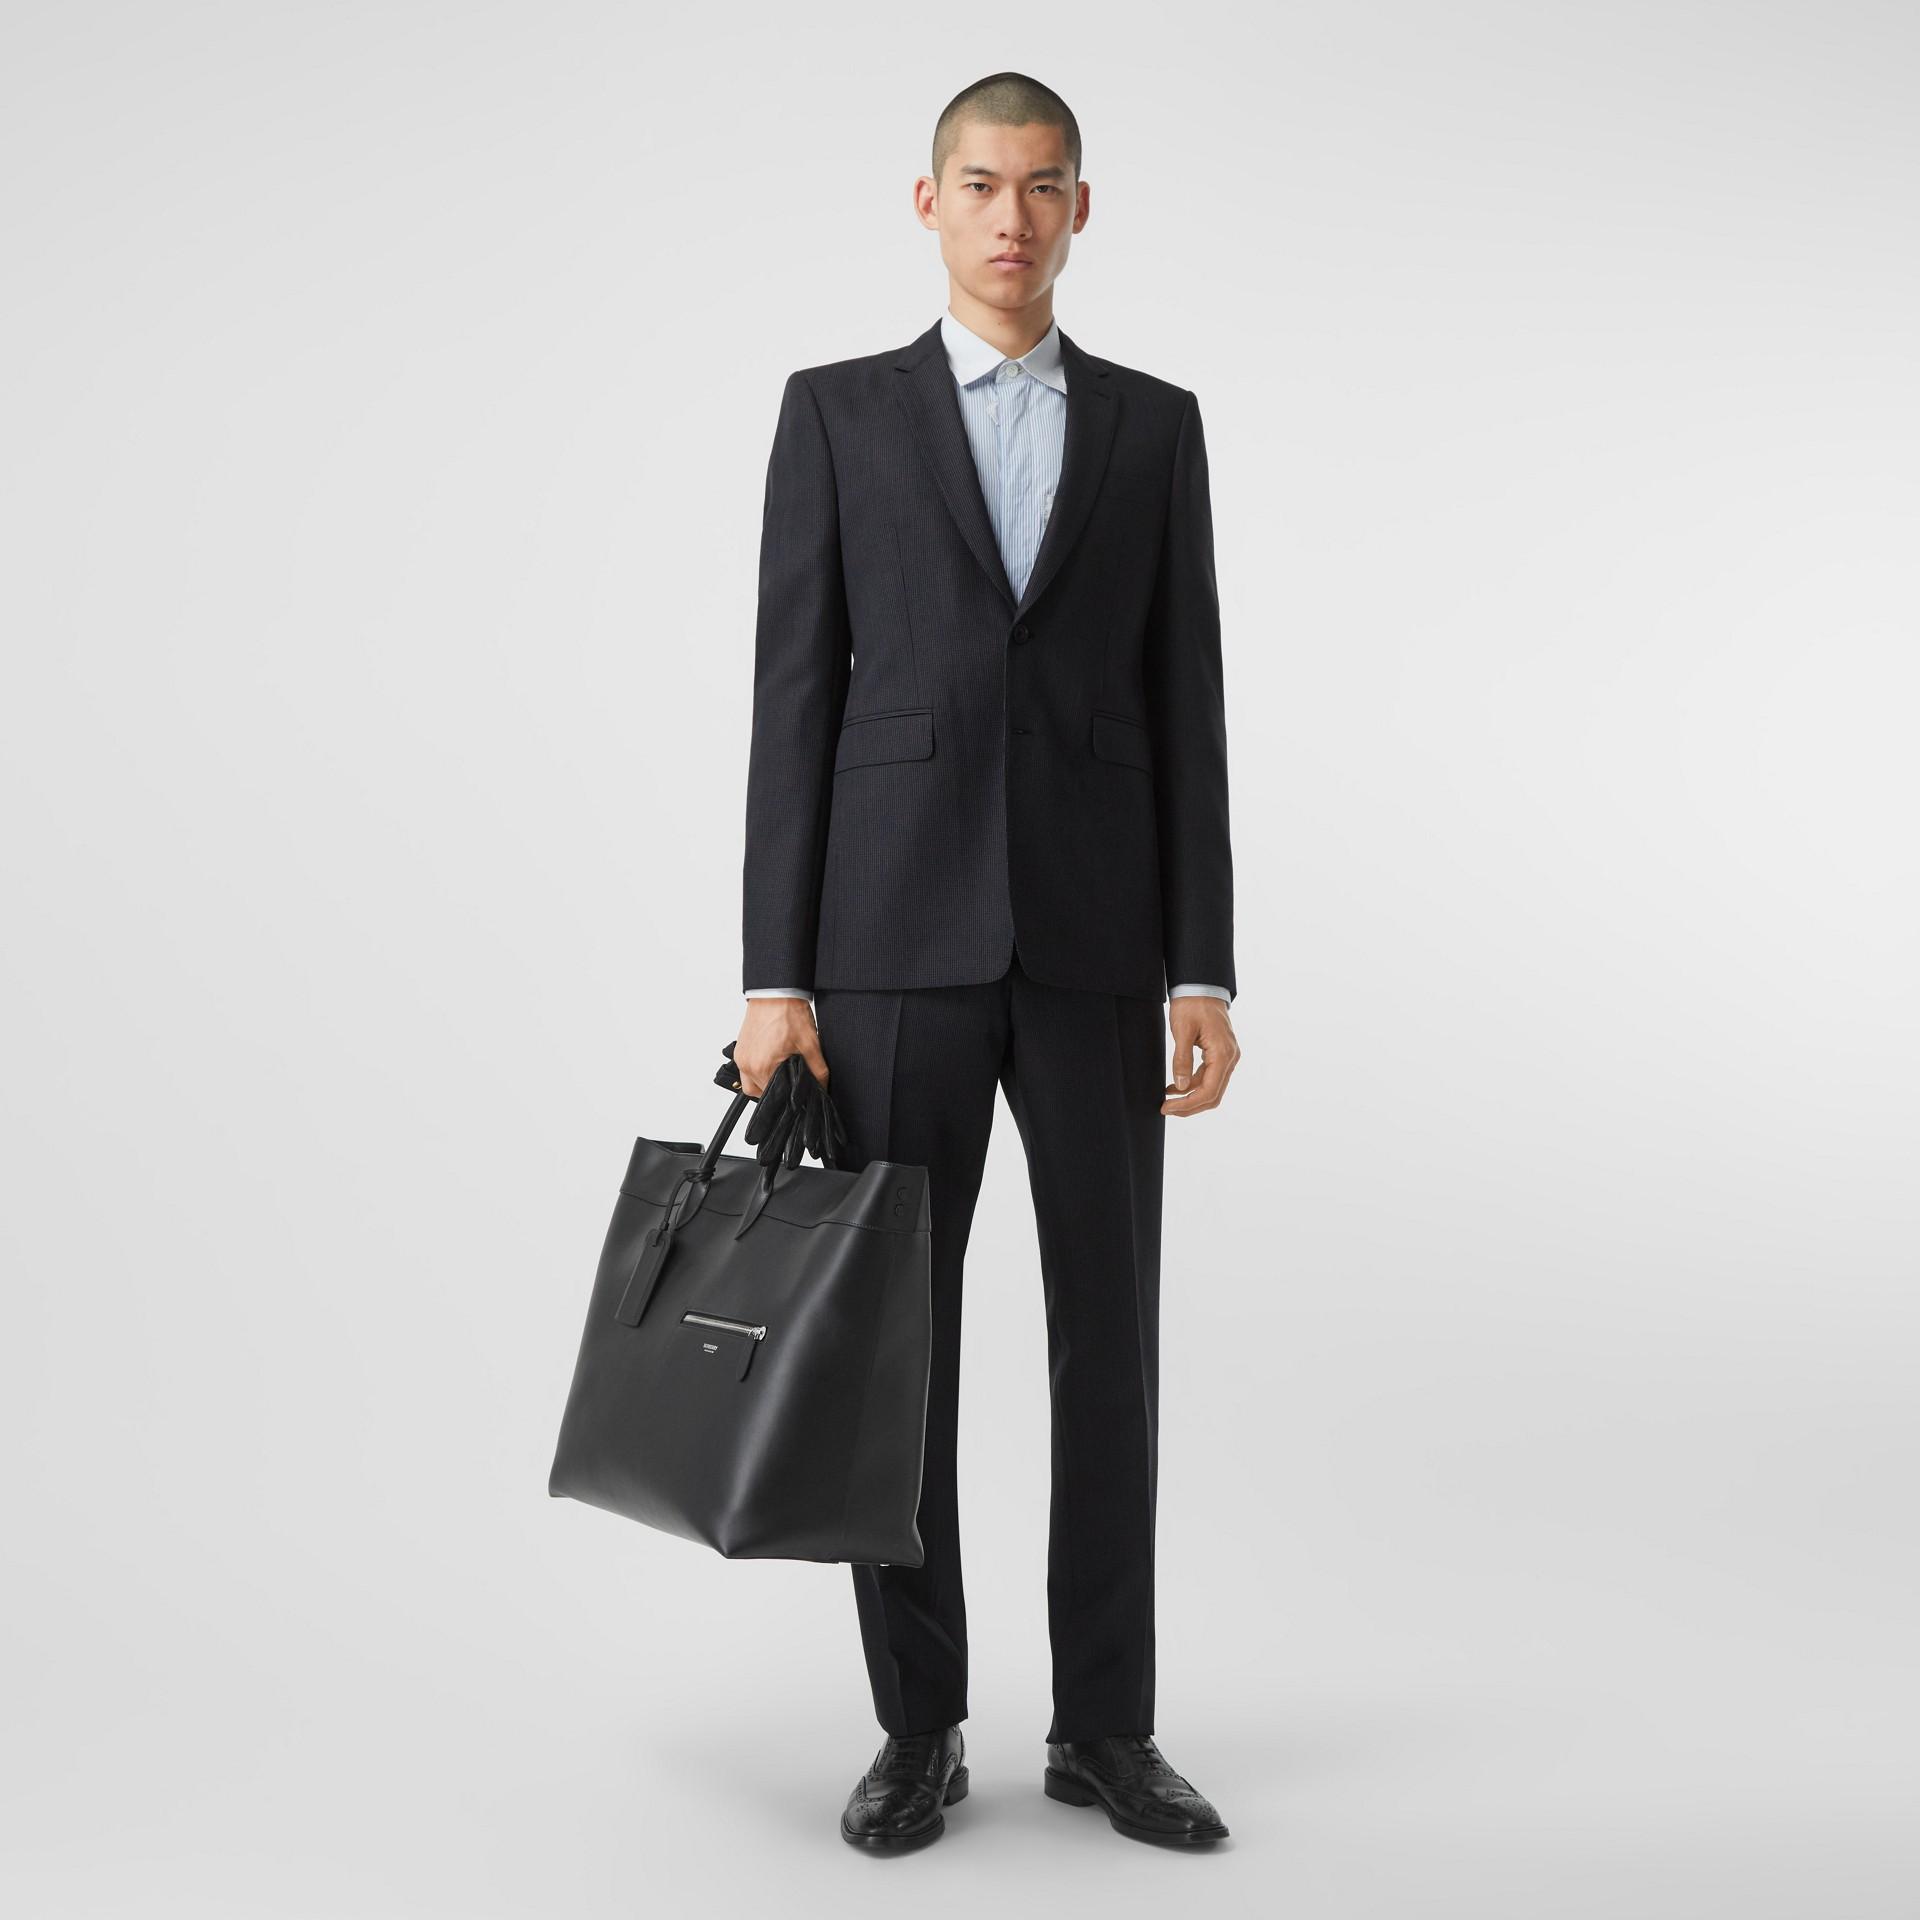 クラシックフィット パピートゥースチェック ウールモヘア スーツ (ネイビー) - メンズ | バーバリー - ギャラリーイメージ 0